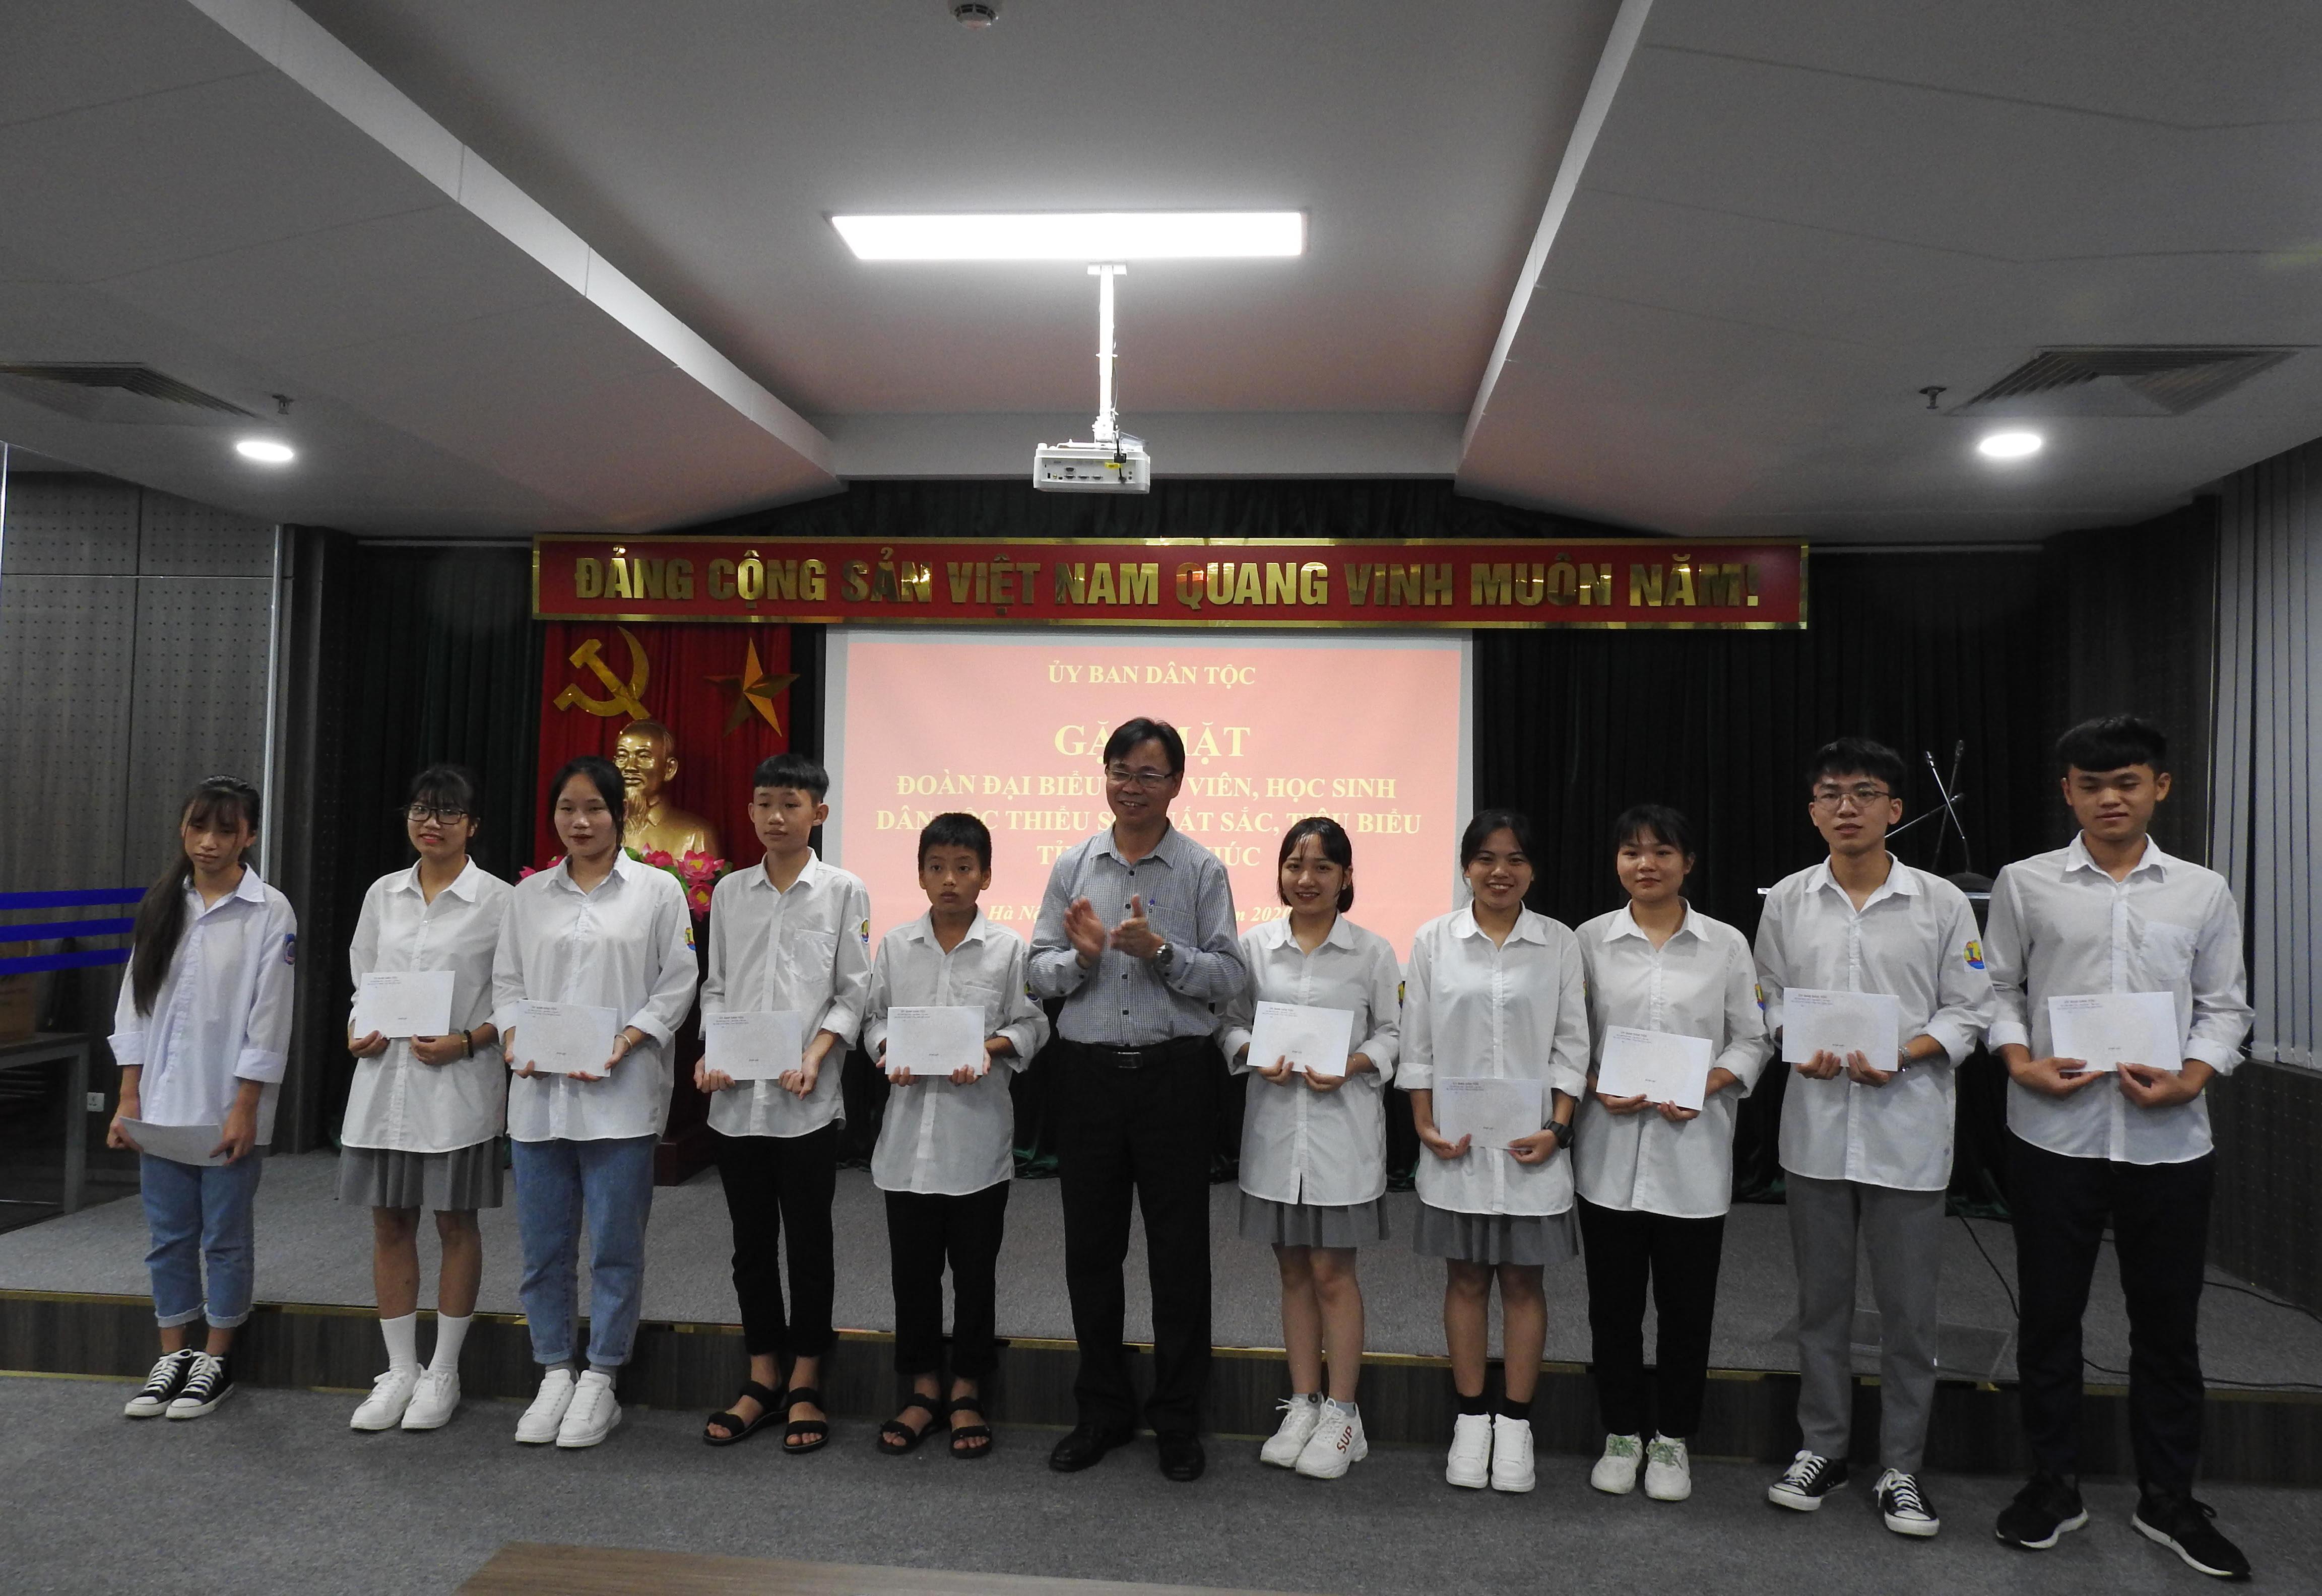 Đồng chí Lưu Xuân Thủy trao quà lưu niệm của UBDT cho các em học sinh trong Đoàn